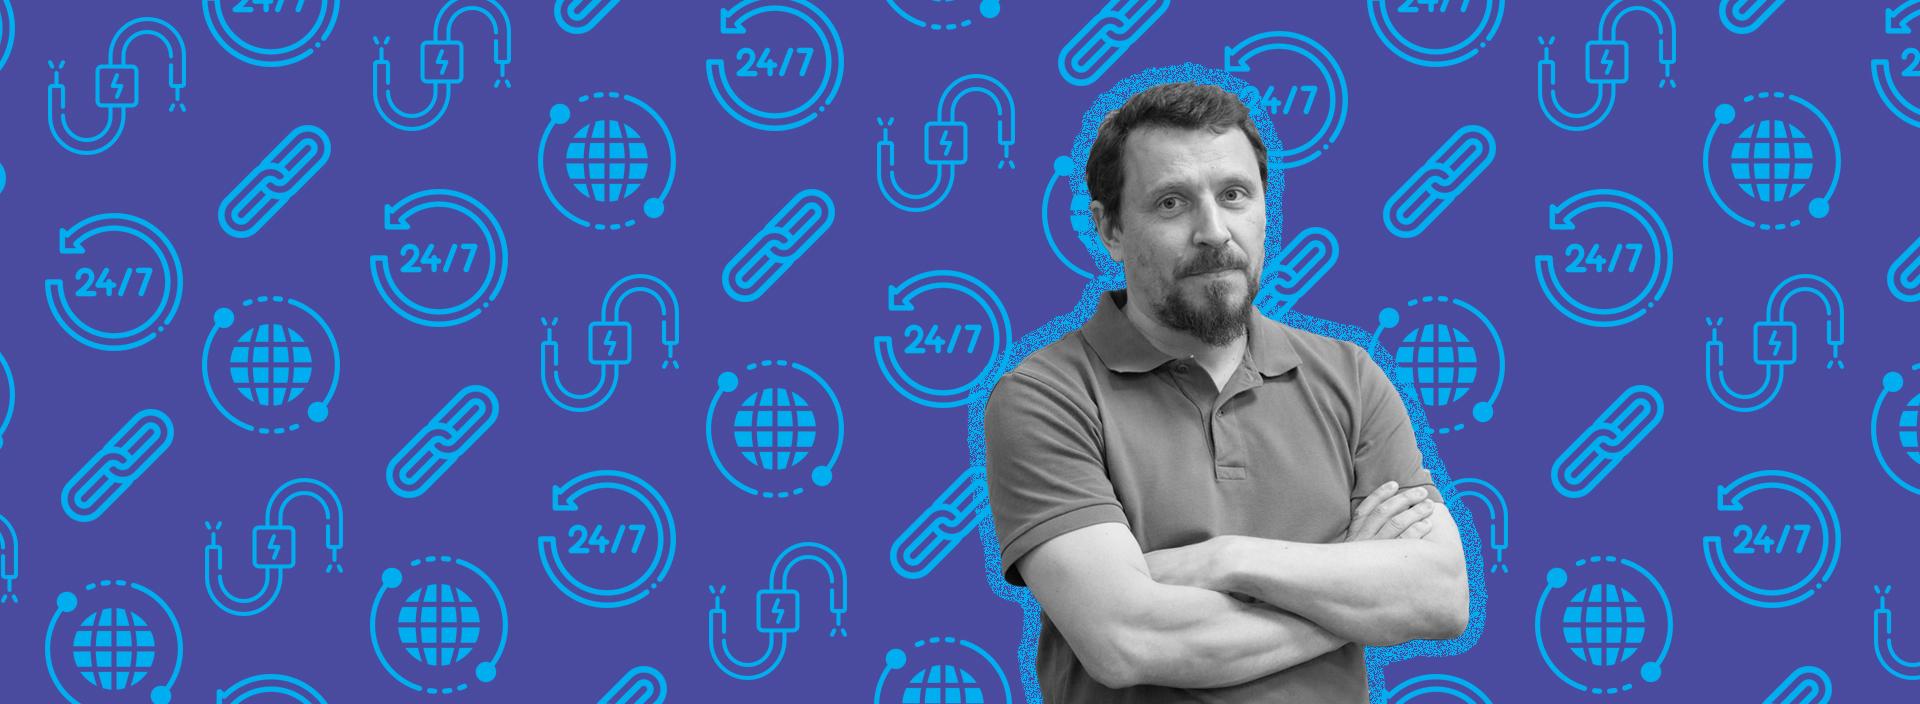 «В компании у меня есть пространство для экспериментов и исследований»: интервью с архитектором сети телеком-оператора GigaTrans Андреем Осначем